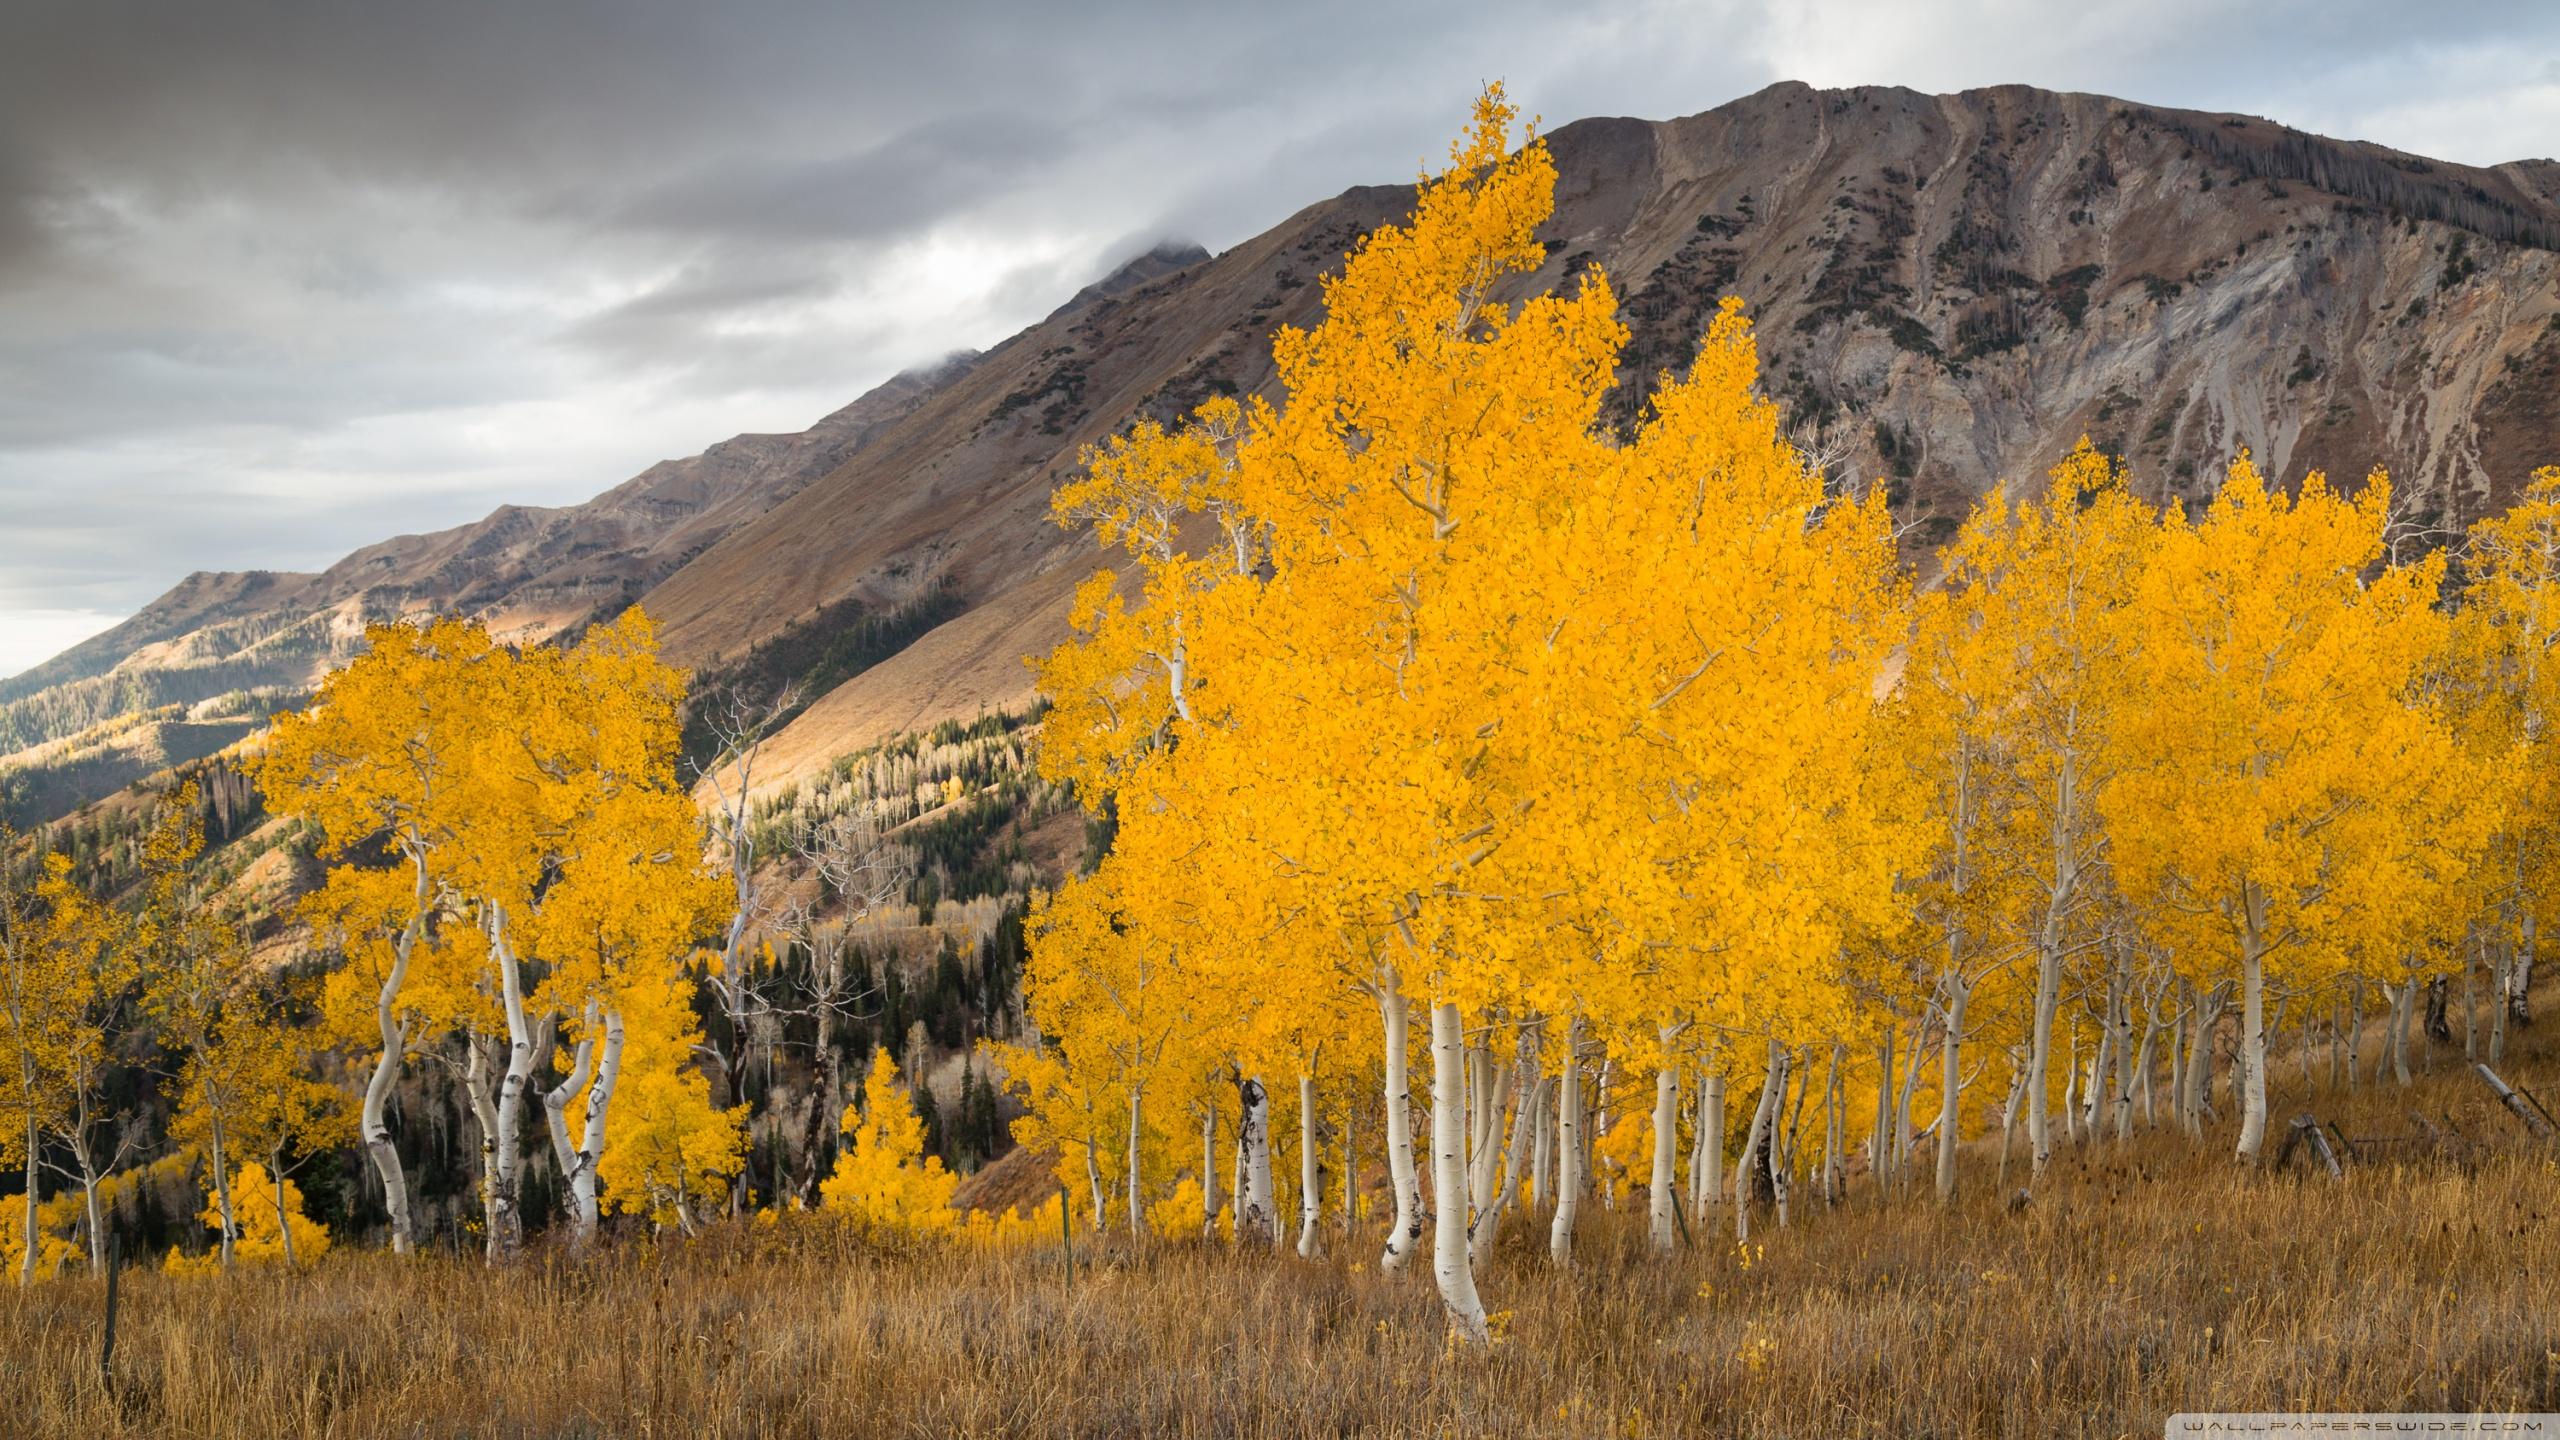 Aspen Trees In The Fall 4K HD Desktop Wallpaper for 4K Ultra HD 2560x1440